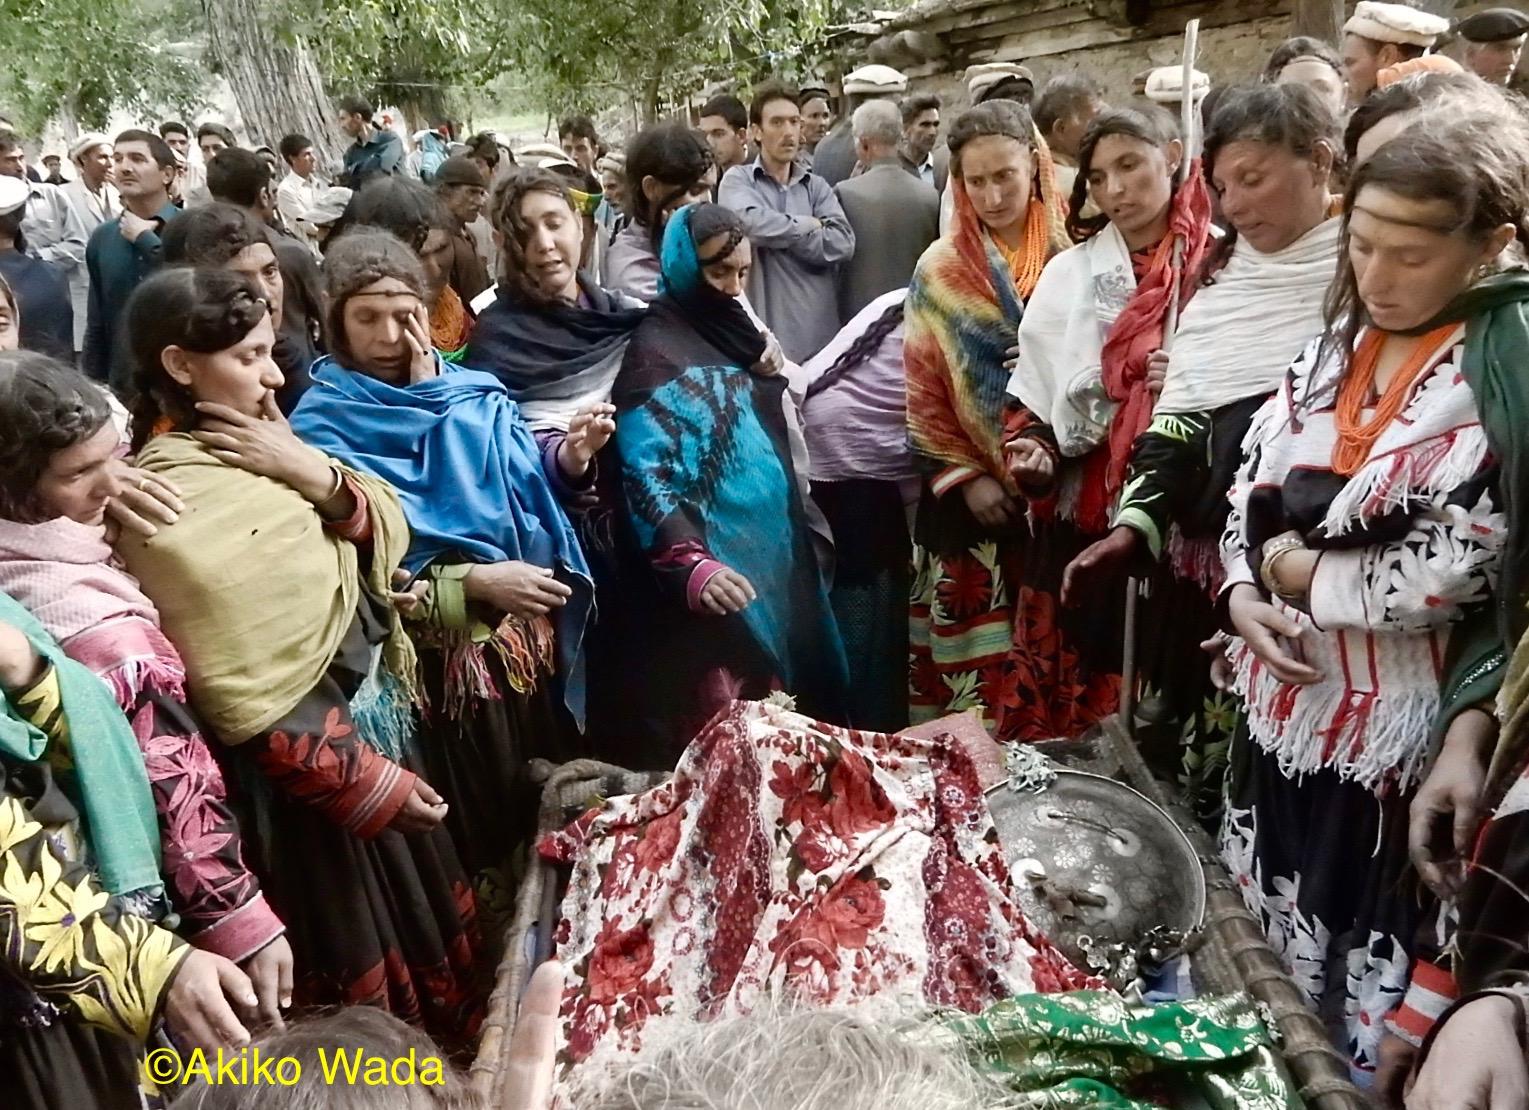 グロム村のお年寄りが亡くなる。ジャマットの伯父(母親の兄)でルンブール谷では一番の長寿だった。この一ヶ月で3件目の葬式。